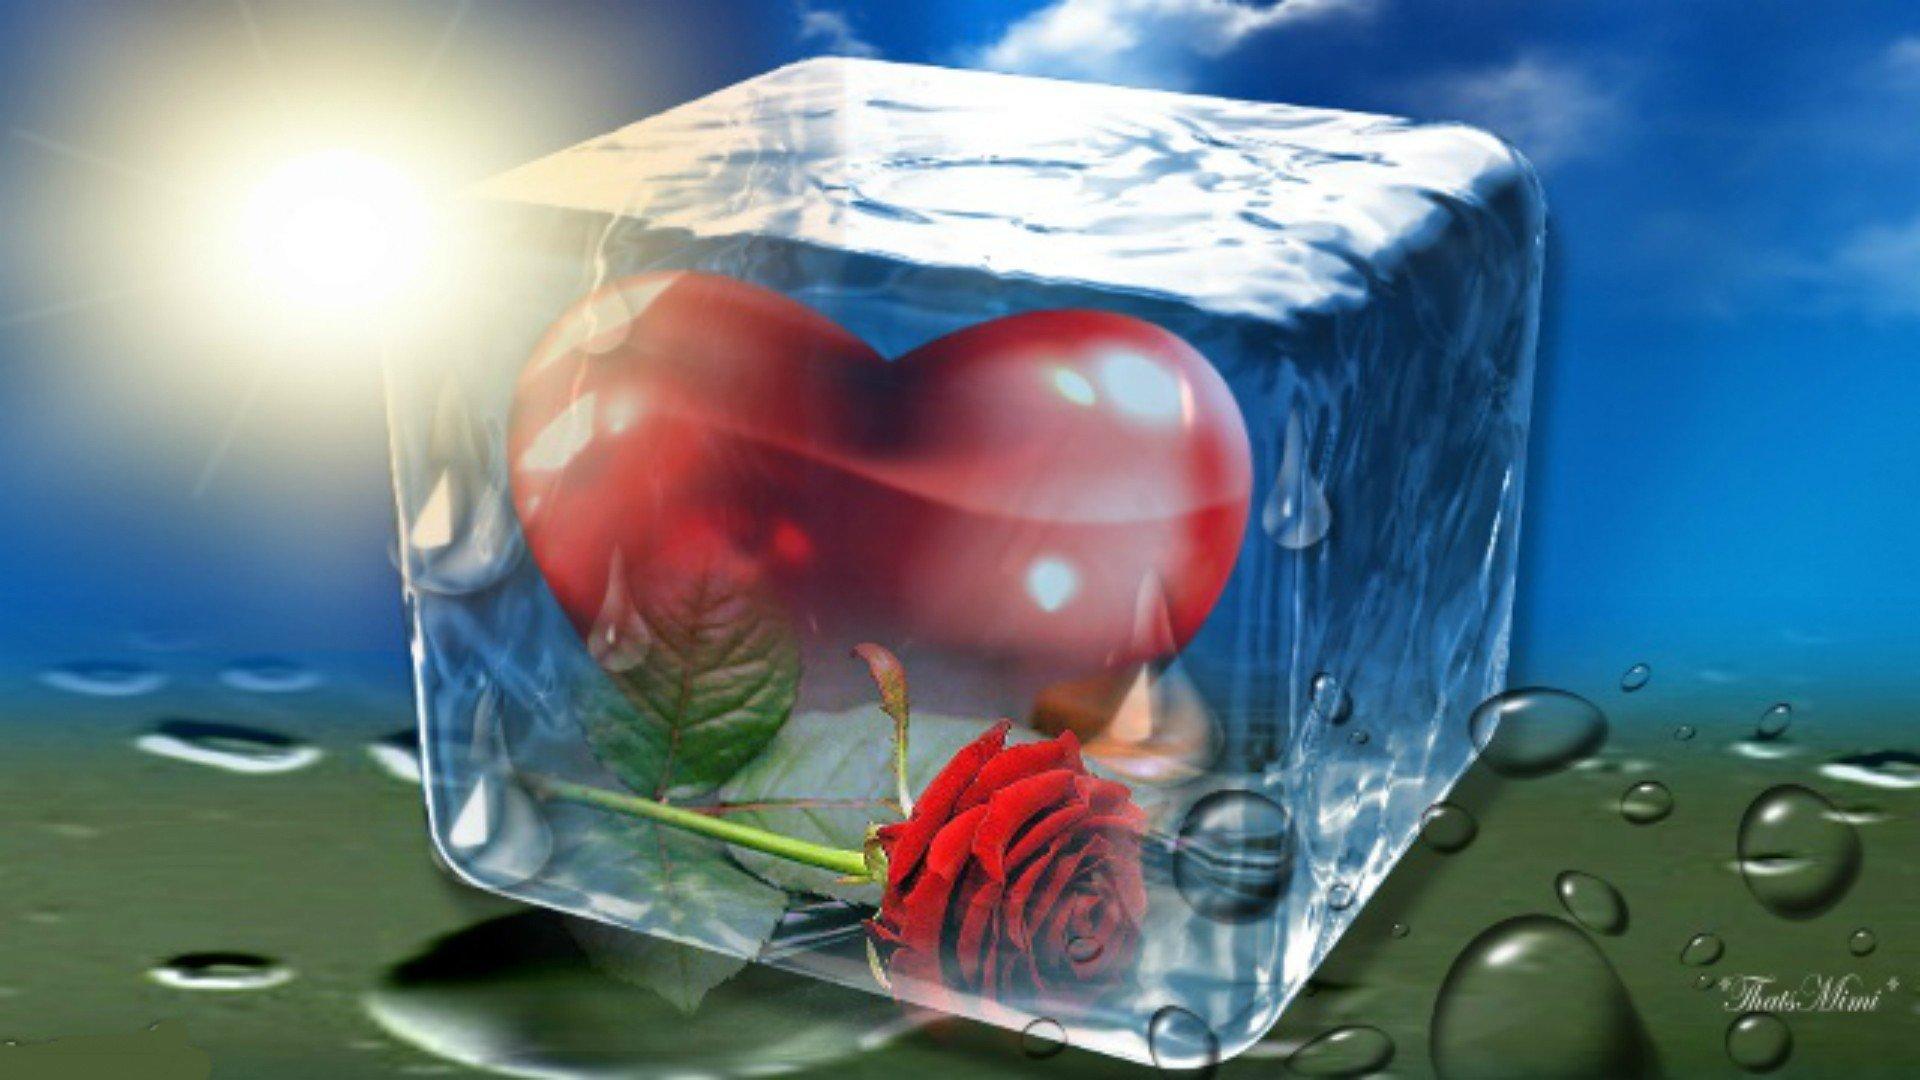 Два ледяных сердца  № 3490278 загрузить